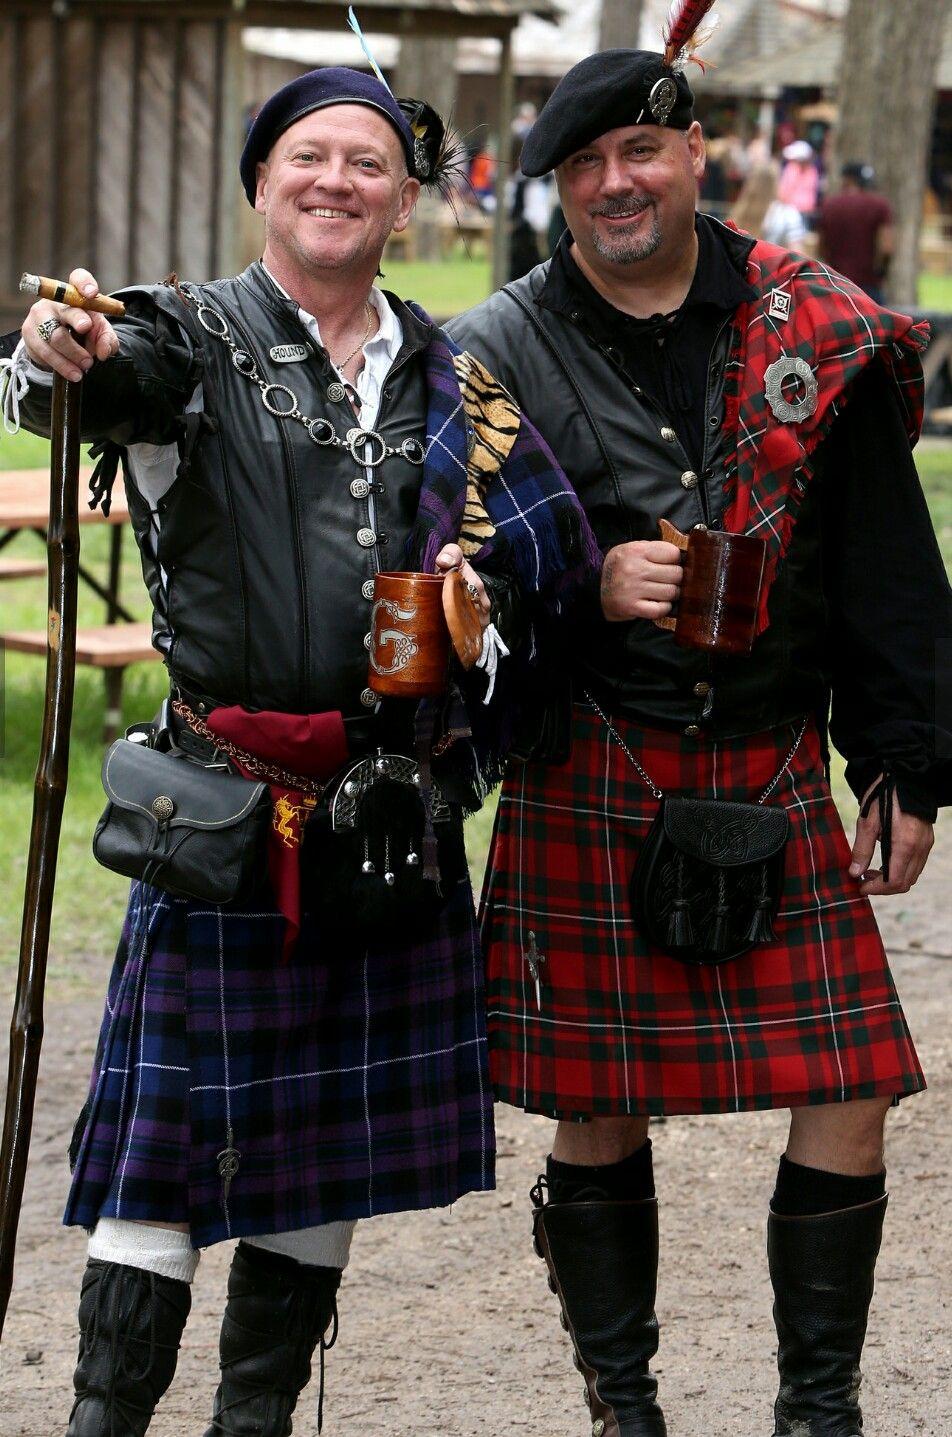 3f516c05103 Men in kilts Renaissance Faire costume Scarborough Fair ...